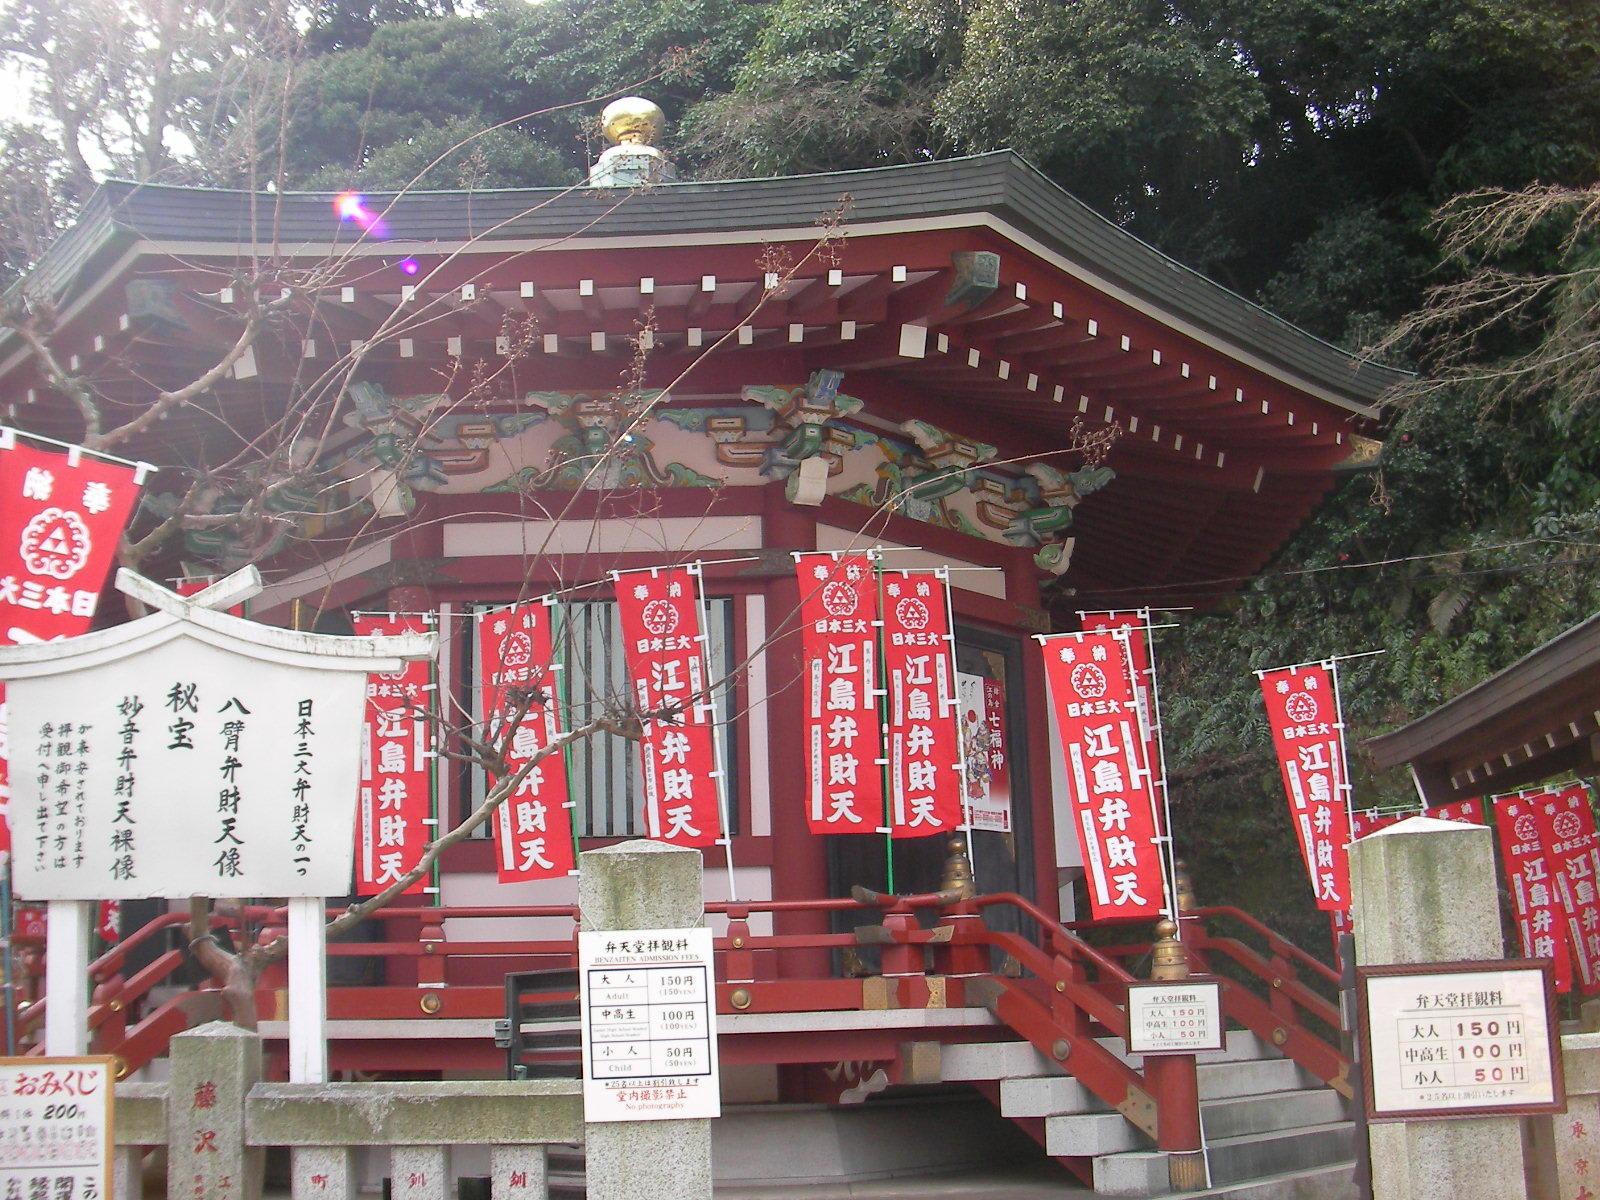 江島神社,聽說求姻緣非常靈驗。|來源:s.webry.info